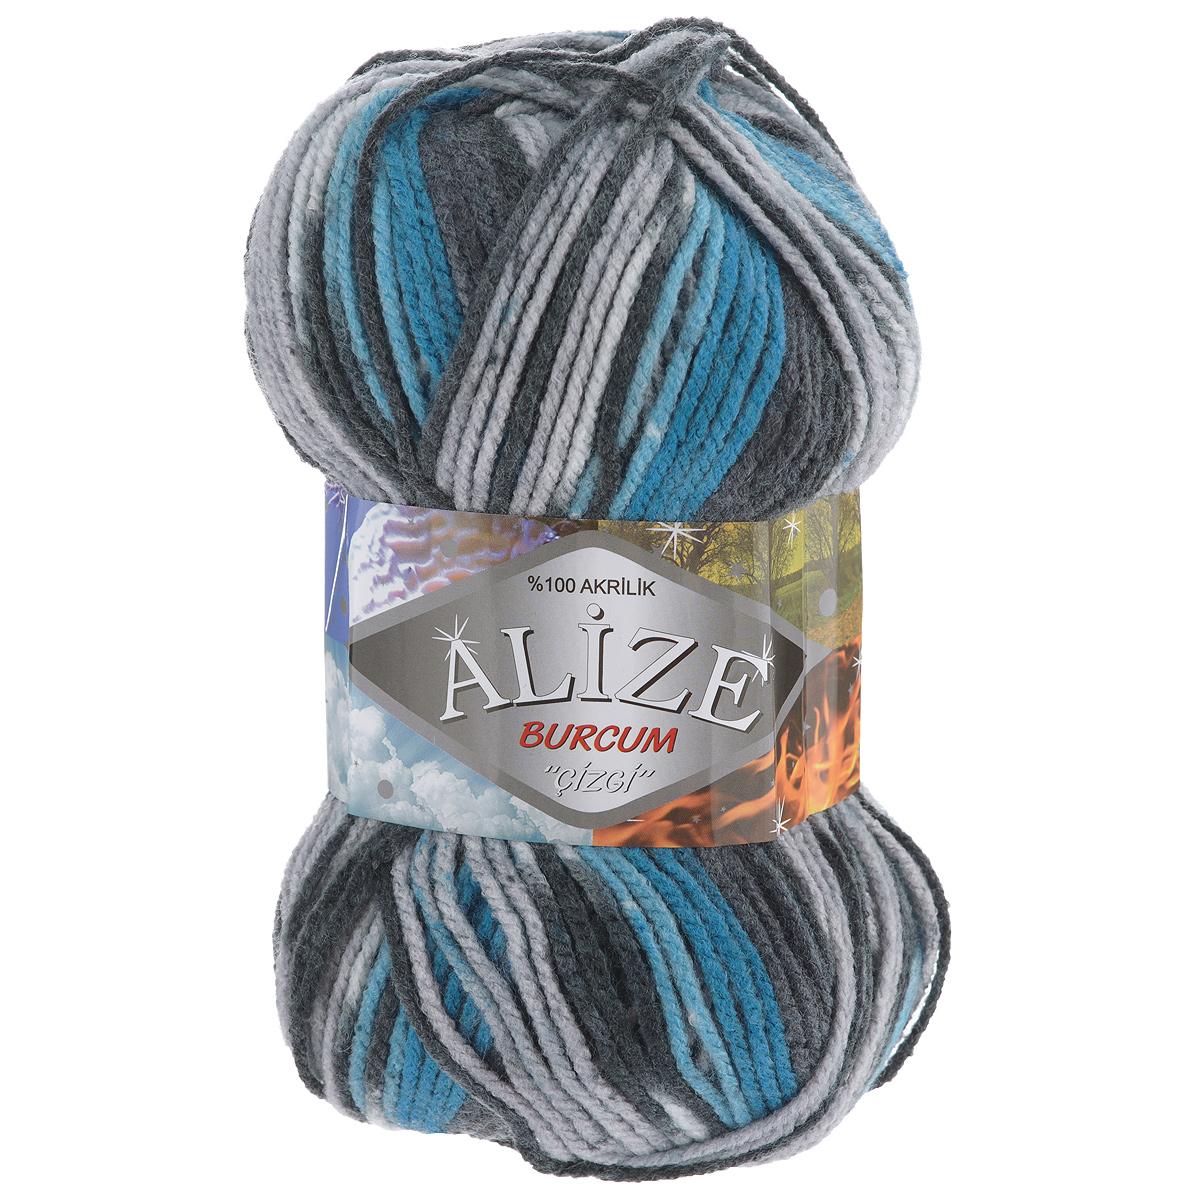 Пряжа для вязания Alize Burсum Cizgi, цвет: бирюзовый, серый, темно-синий (4312), 210 м, 100 г, 5 шт364117_4312Пряжа Alize Burсum Cizgi - это классическая демисезонная пряжа секционного крашения. В процессе вязания нить превращается в оригинальный узор в стиле «жаккард». Петли ложатся ровно, полотно не «косит», нитка не перекручивается. Вещи, связанные из такой пряжи, приятны к коже, не колются, не линяют, не теряют своей формы. Пряжа идеальна для свитеров, жилетов, шарфов, шапок, пледов и пр. Рекомендованные спицы для вязания 4-6 мм. Состав: 100% акрил.